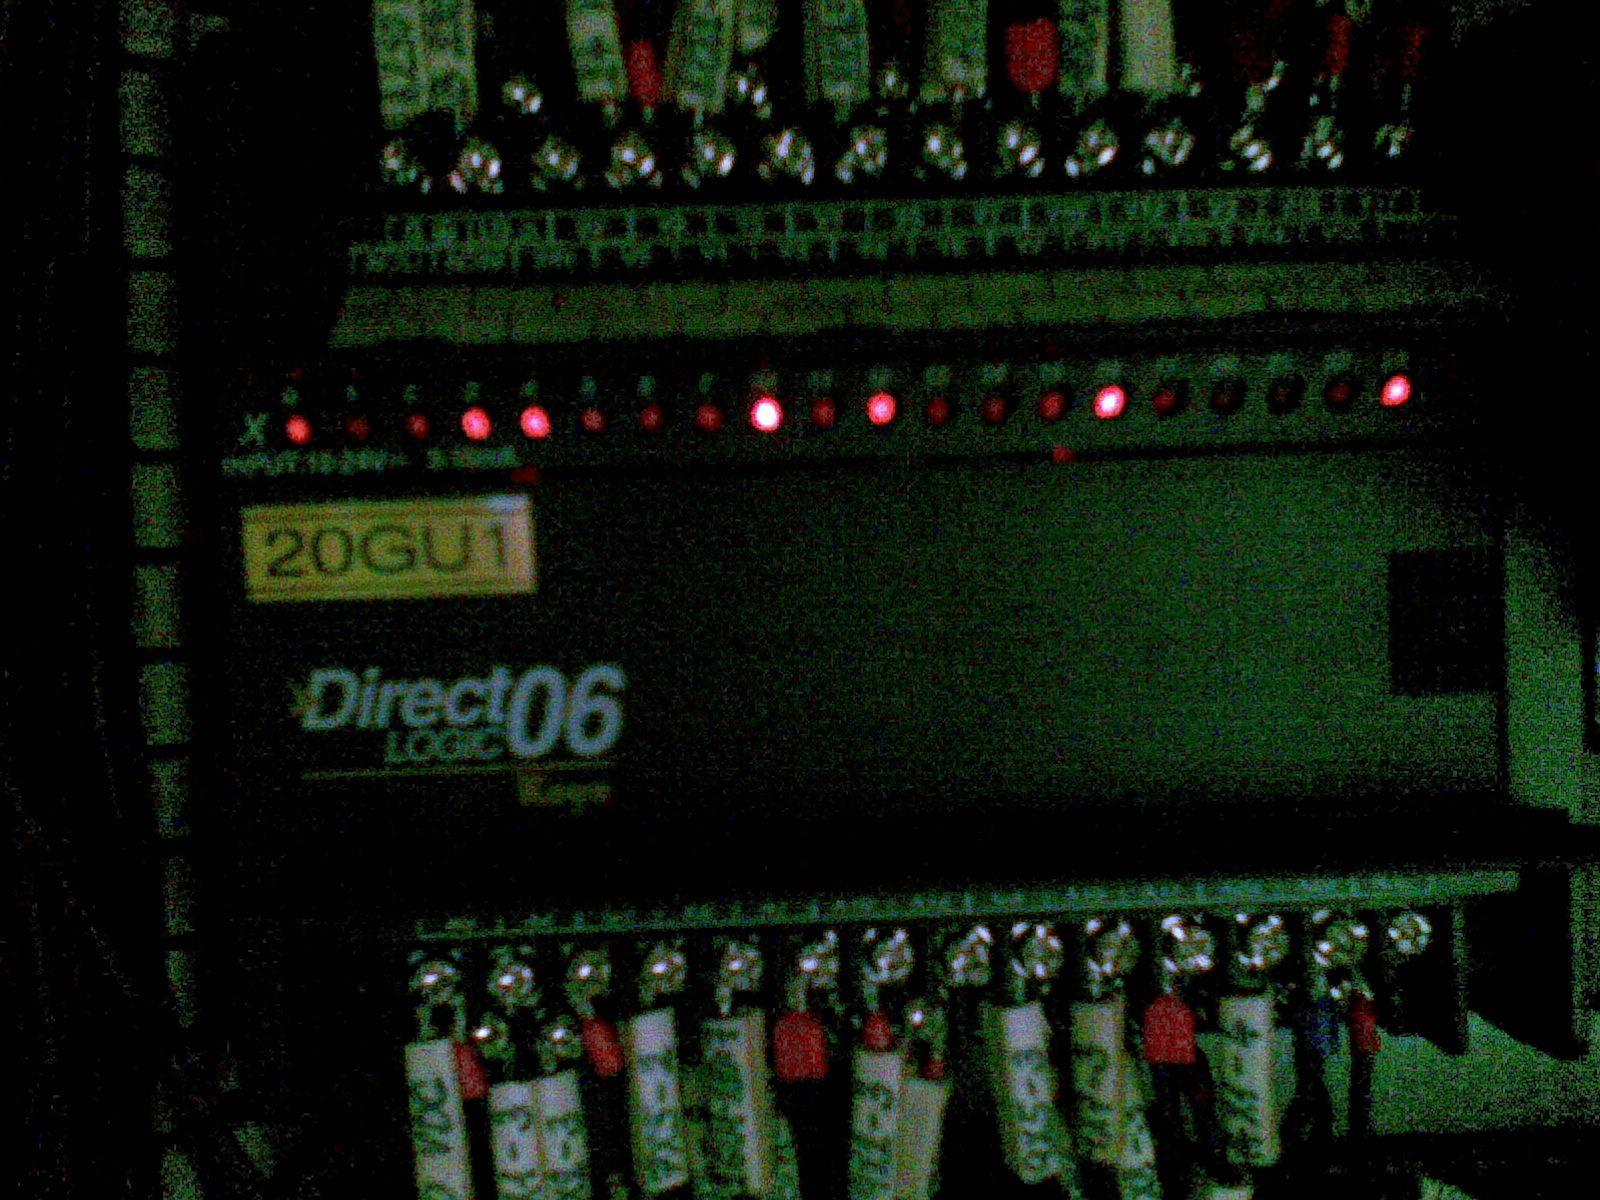 PLC Koyo Direct 06 szukam instrukcji